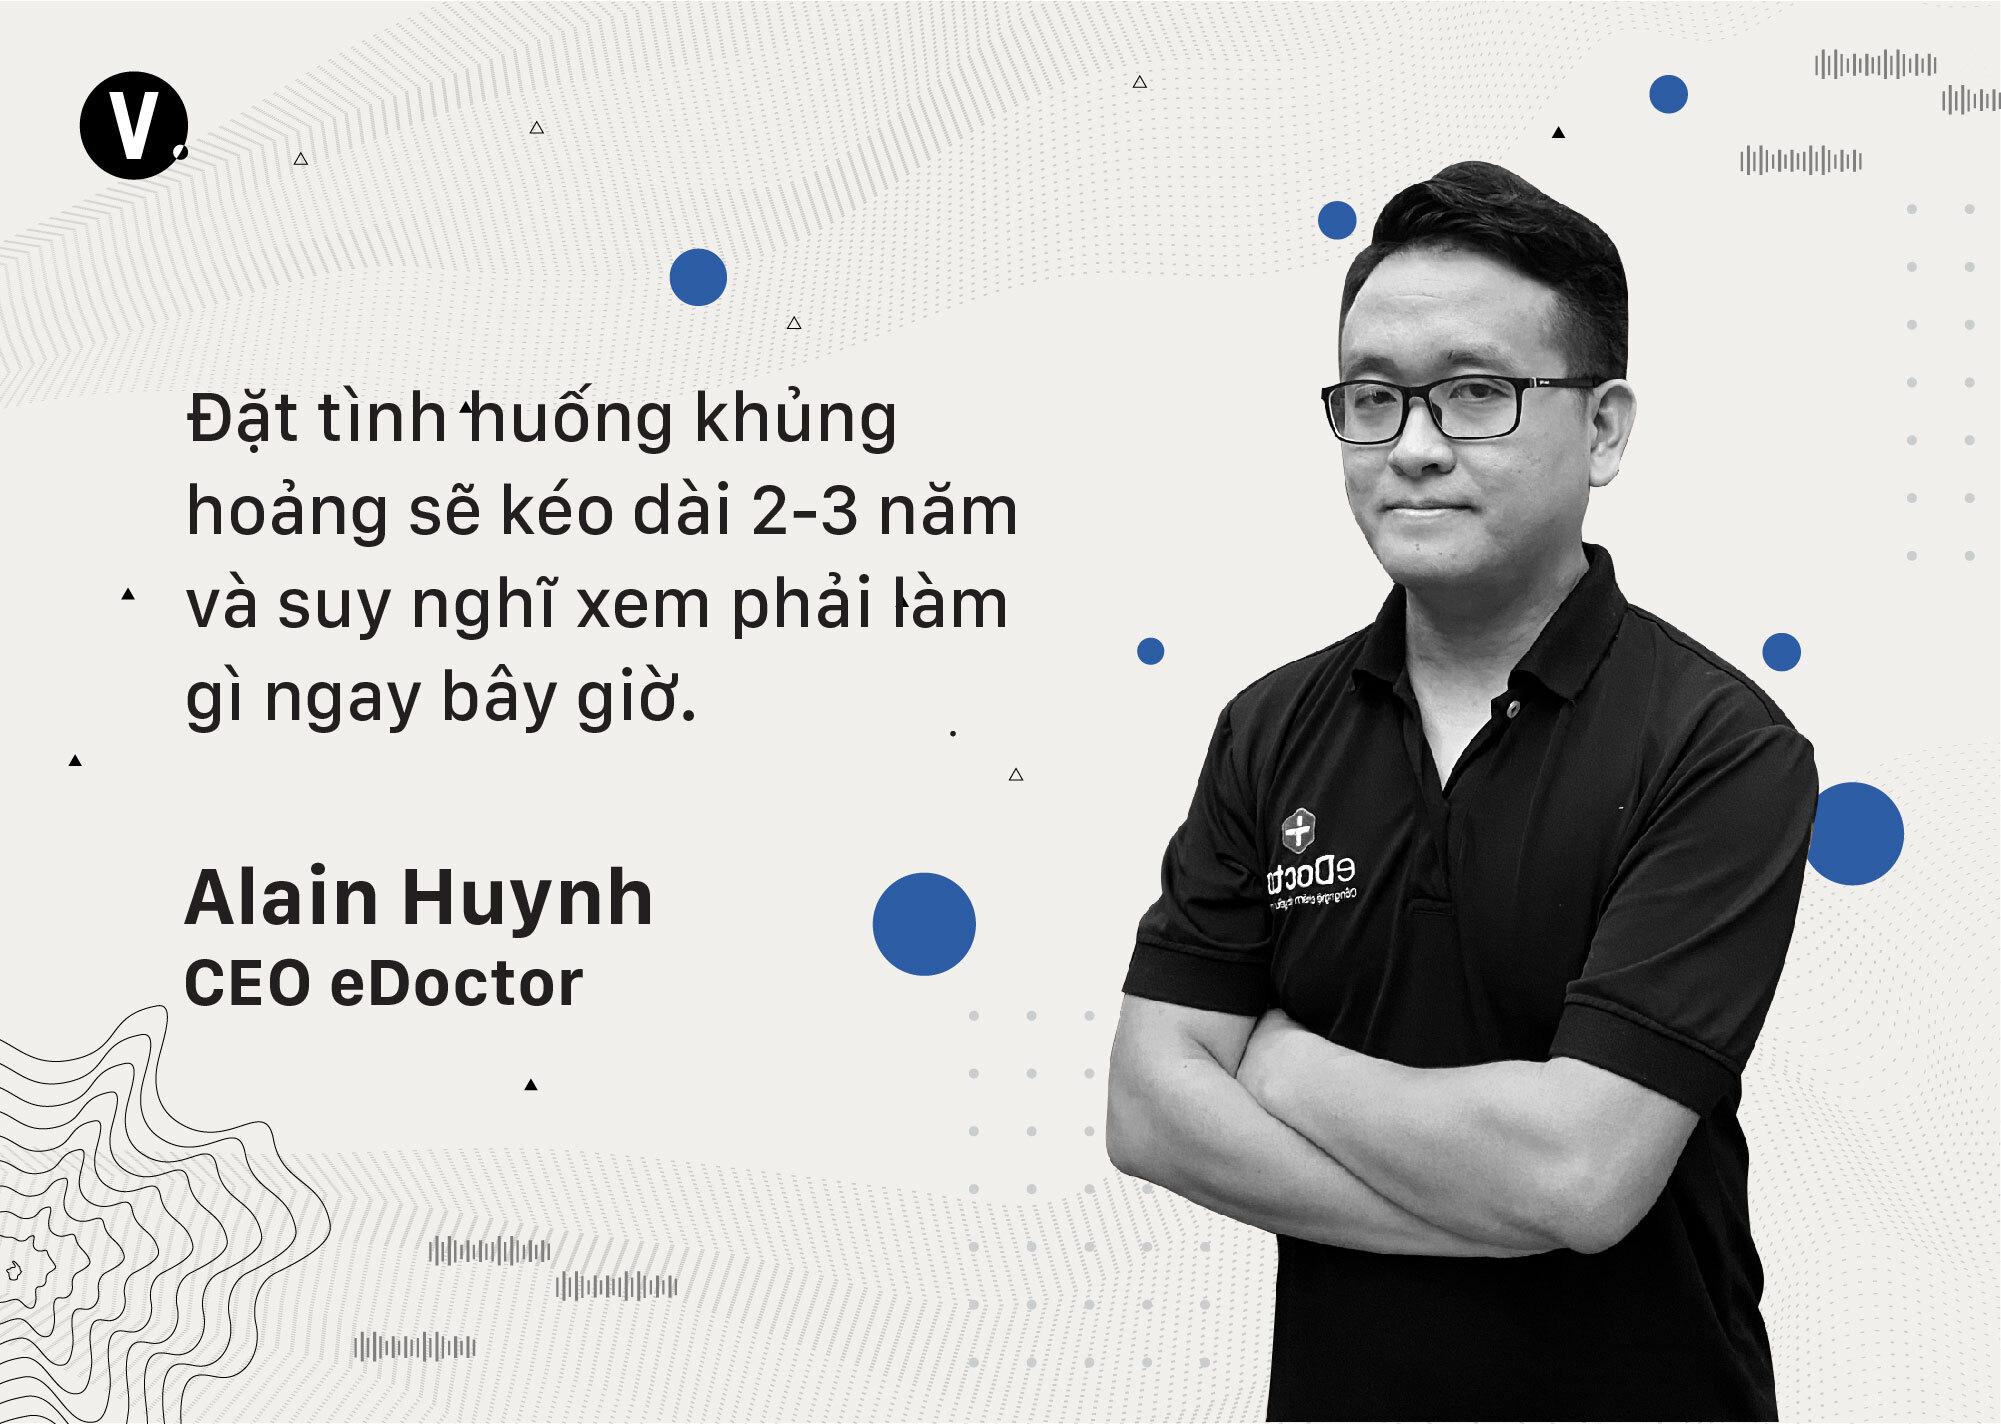 Cách mà các startup Việt đang biến thách thức từ COVID-19 thành cơ hội | Kinhdoanh247.vn